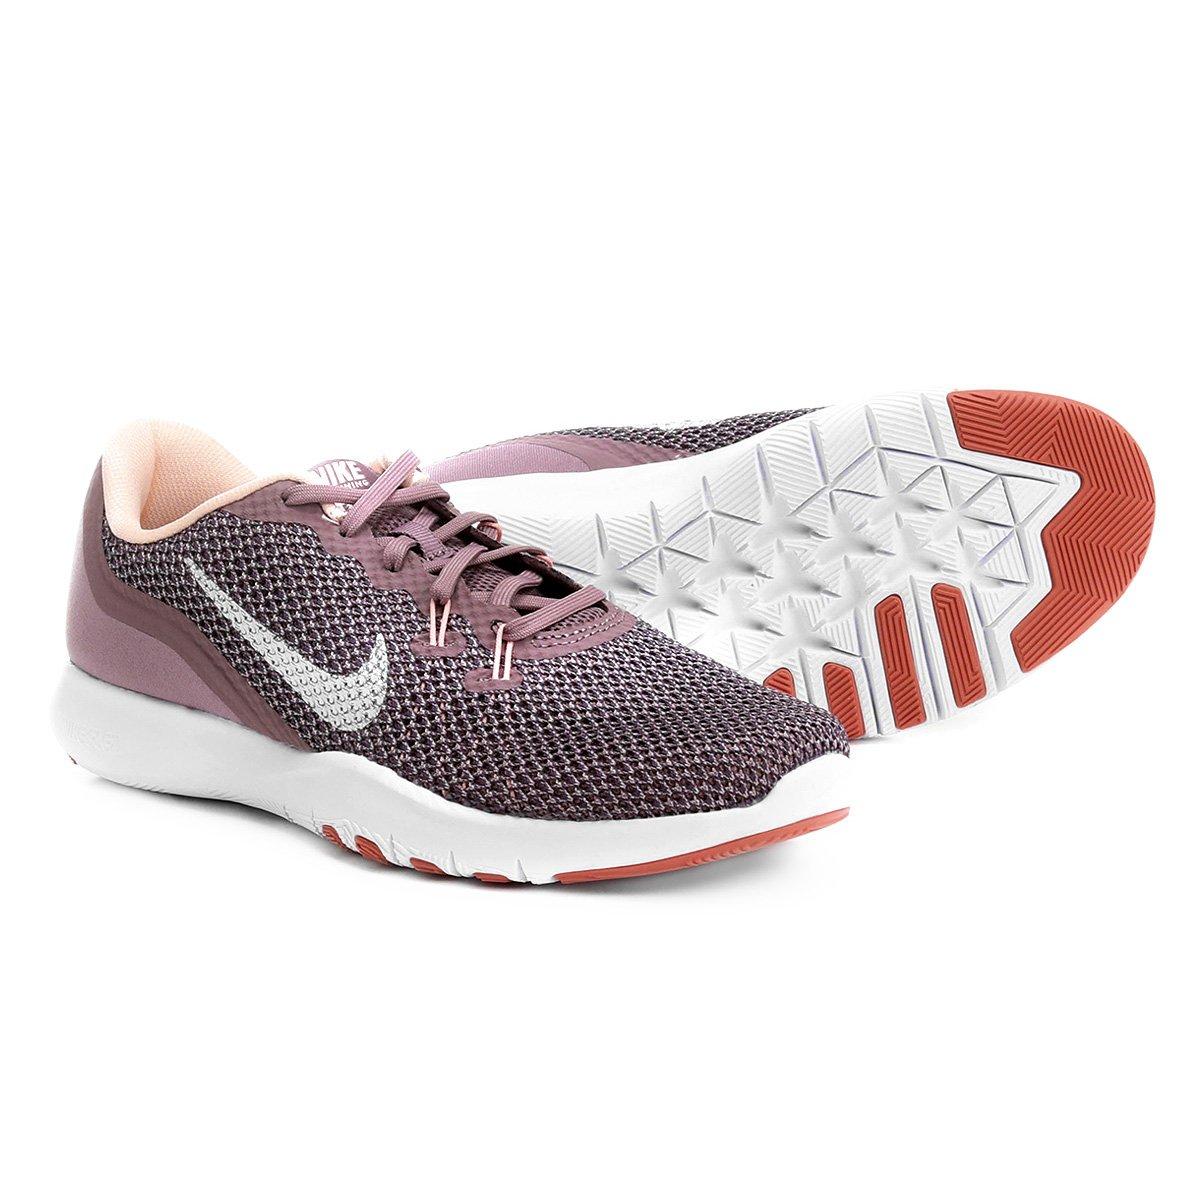 756fb986dc092 Tênis nike flex trainer bionic feminino compre agora netshoes jpg 544x544 Nike  flex trainer bioniv